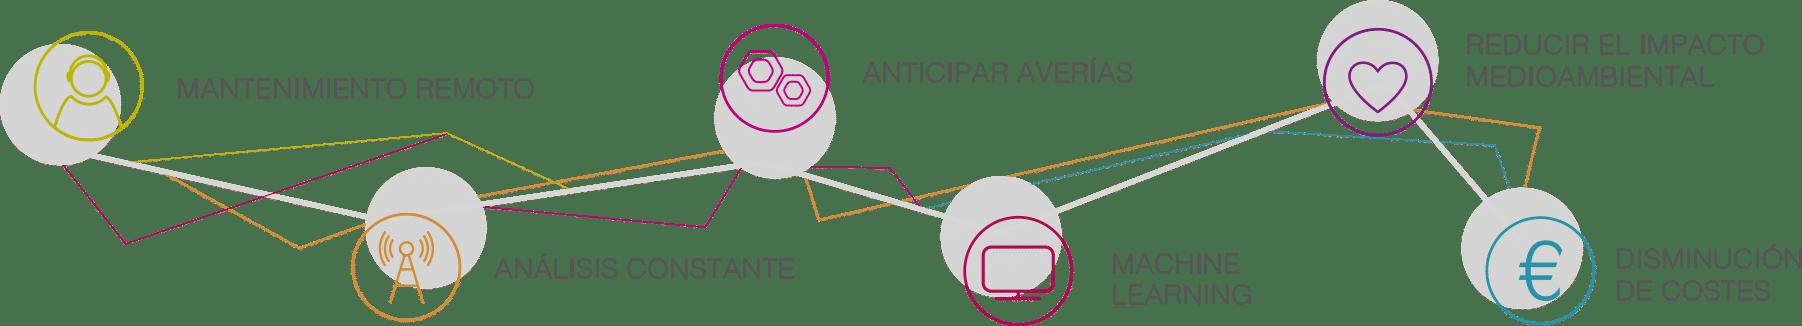 Mantenimiento preventivo Infograma Suigeneris